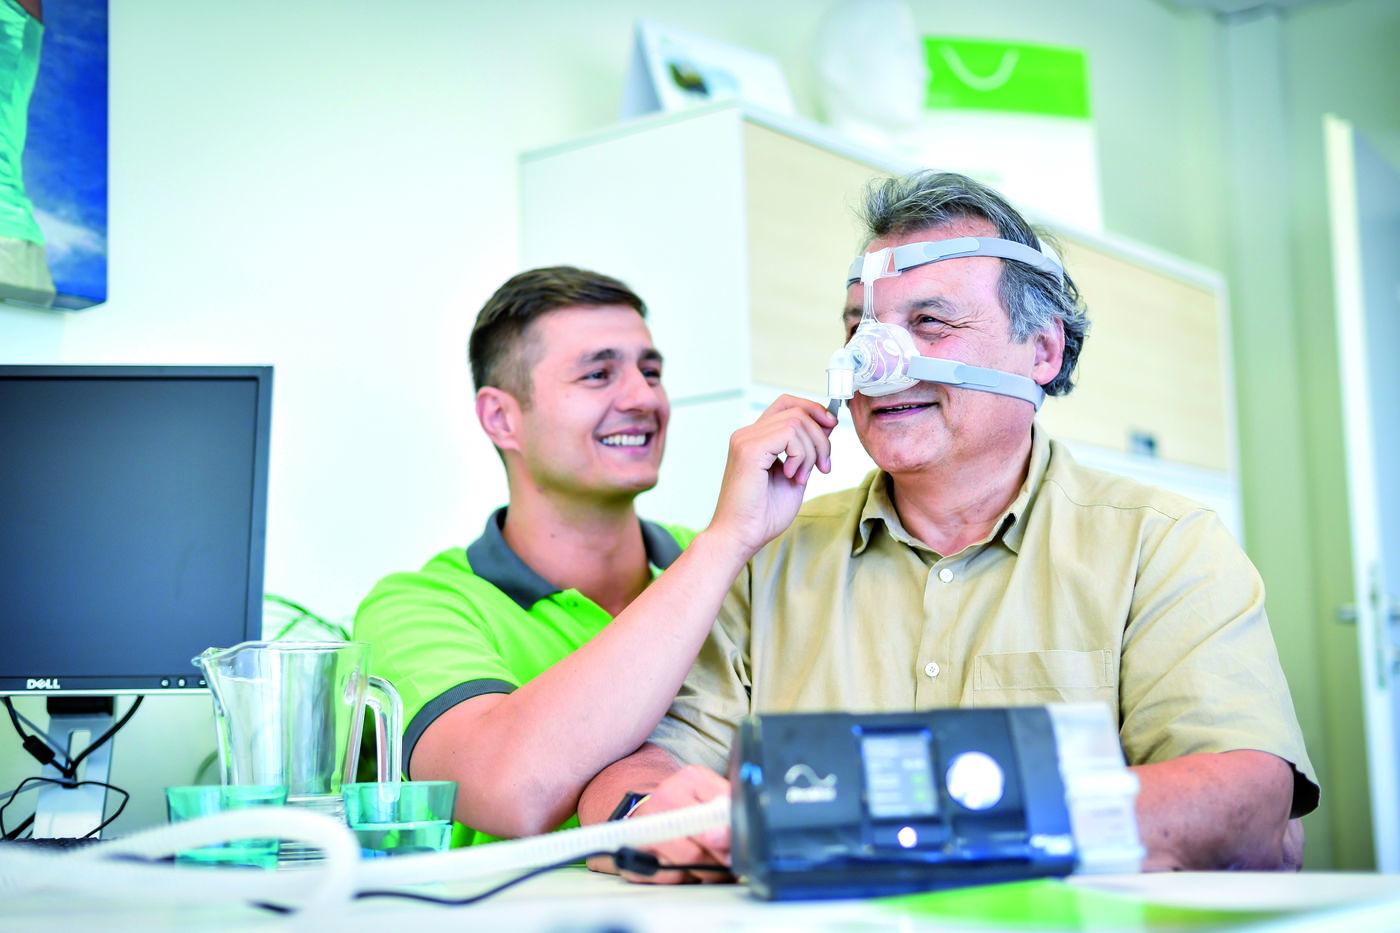 Mitarbeiter (m/w/d) im Atemcenter - Job Hohenems - VIVISOL ÖSTERREICH - Bewerbungsformular